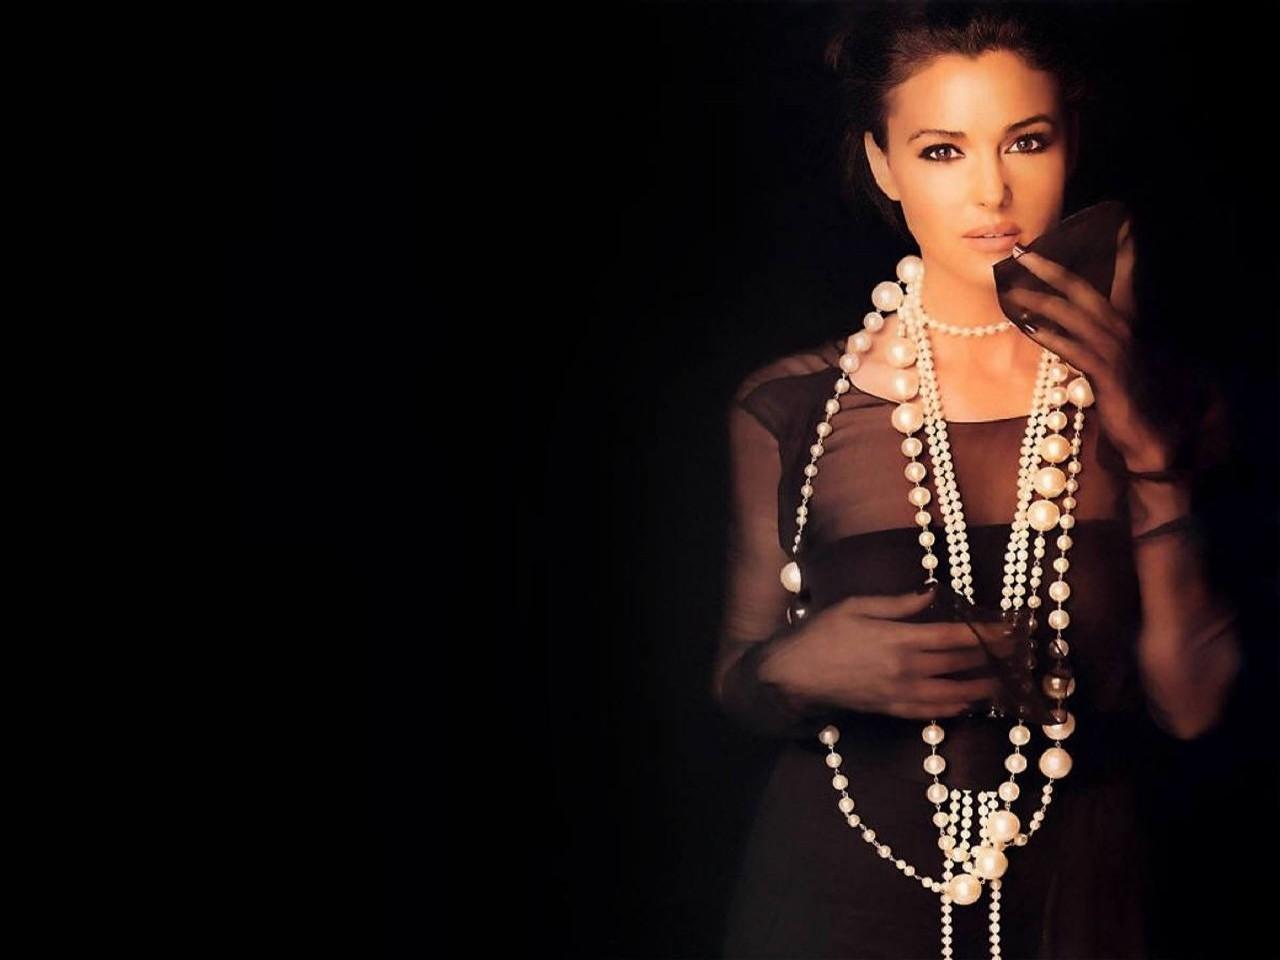 Wallpaper: una pioggia di perle per Monica Bellucci